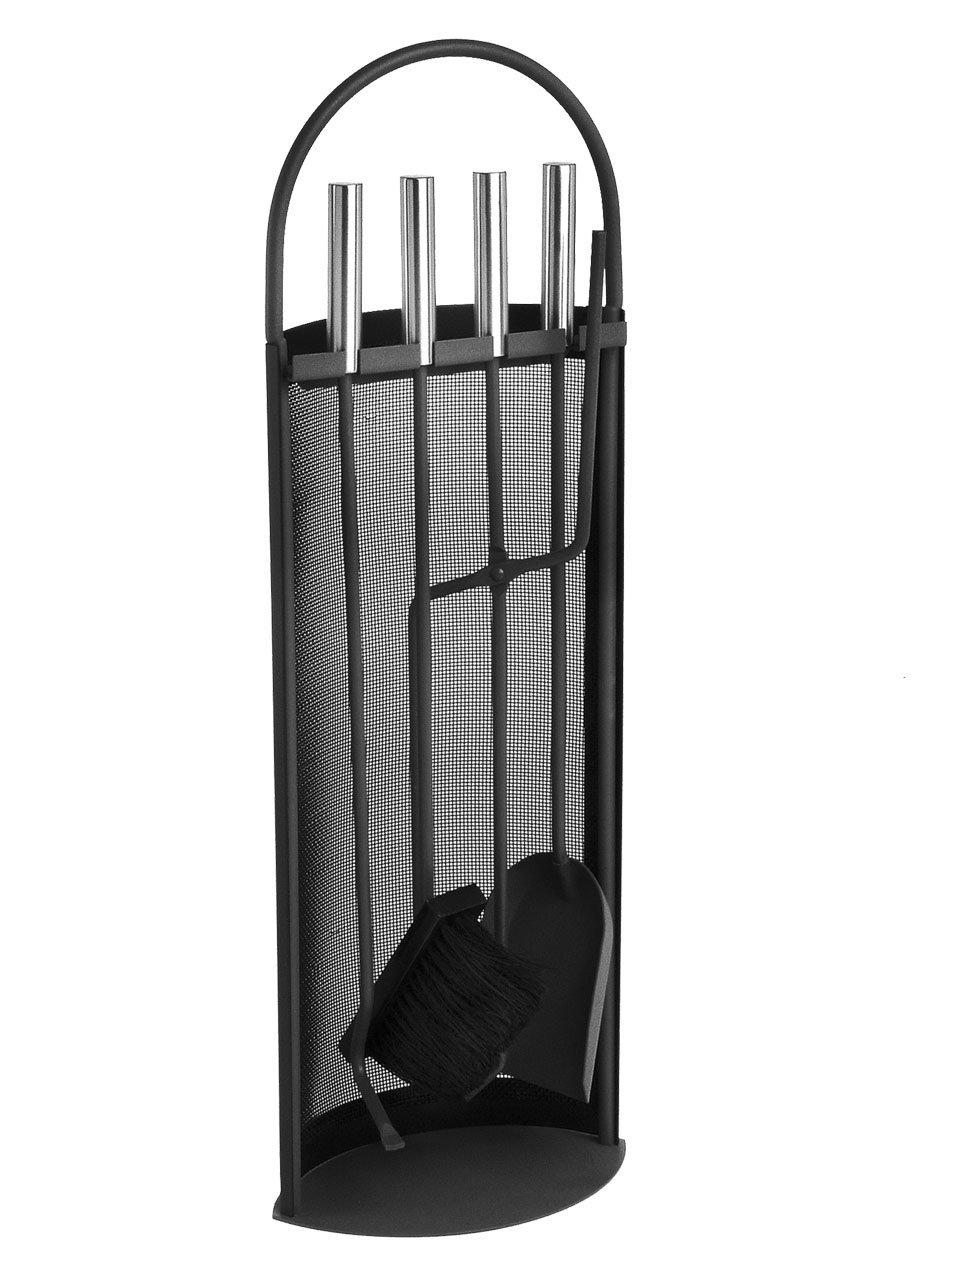 zubehoer kaminofen test alles was sie brauchen. Black Bedroom Furniture Sets. Home Design Ideas